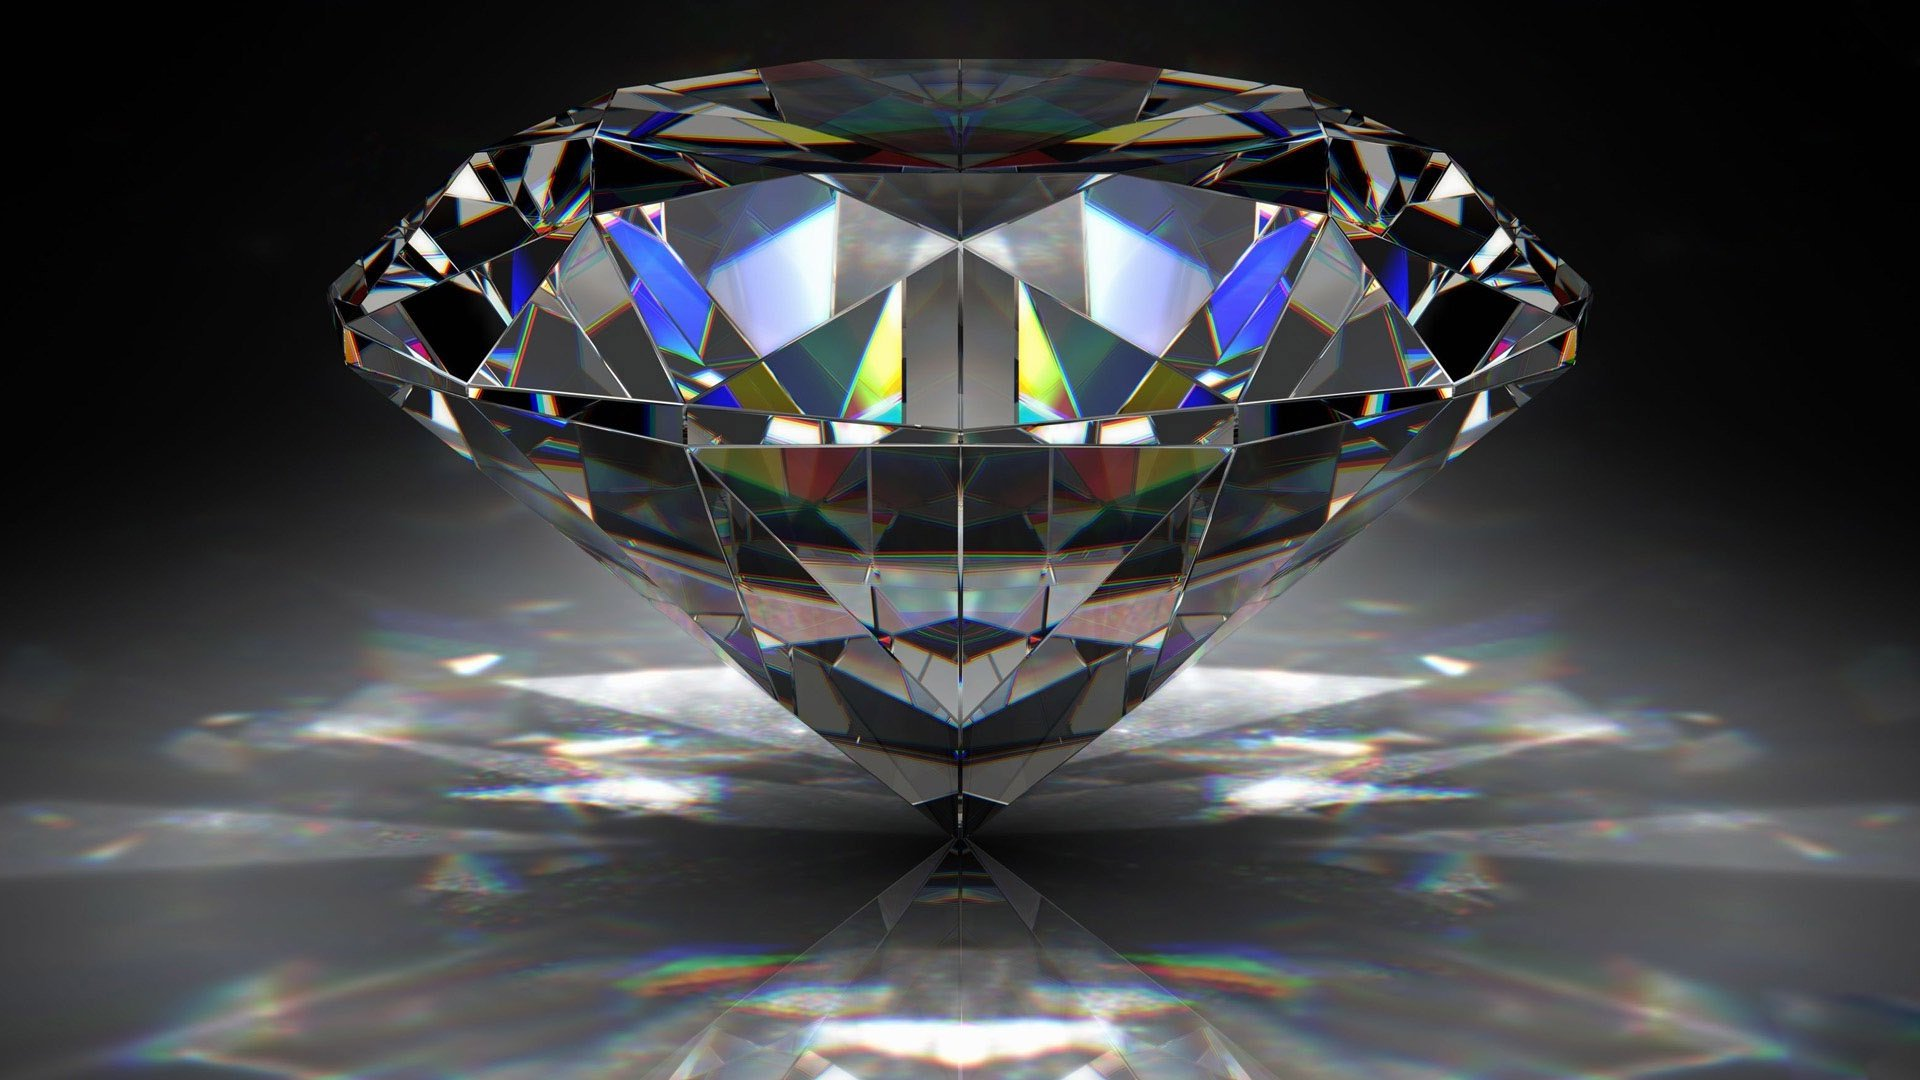 3D diamond full HD wide wallpapers HD Wallpapers Rocks 1920x1080